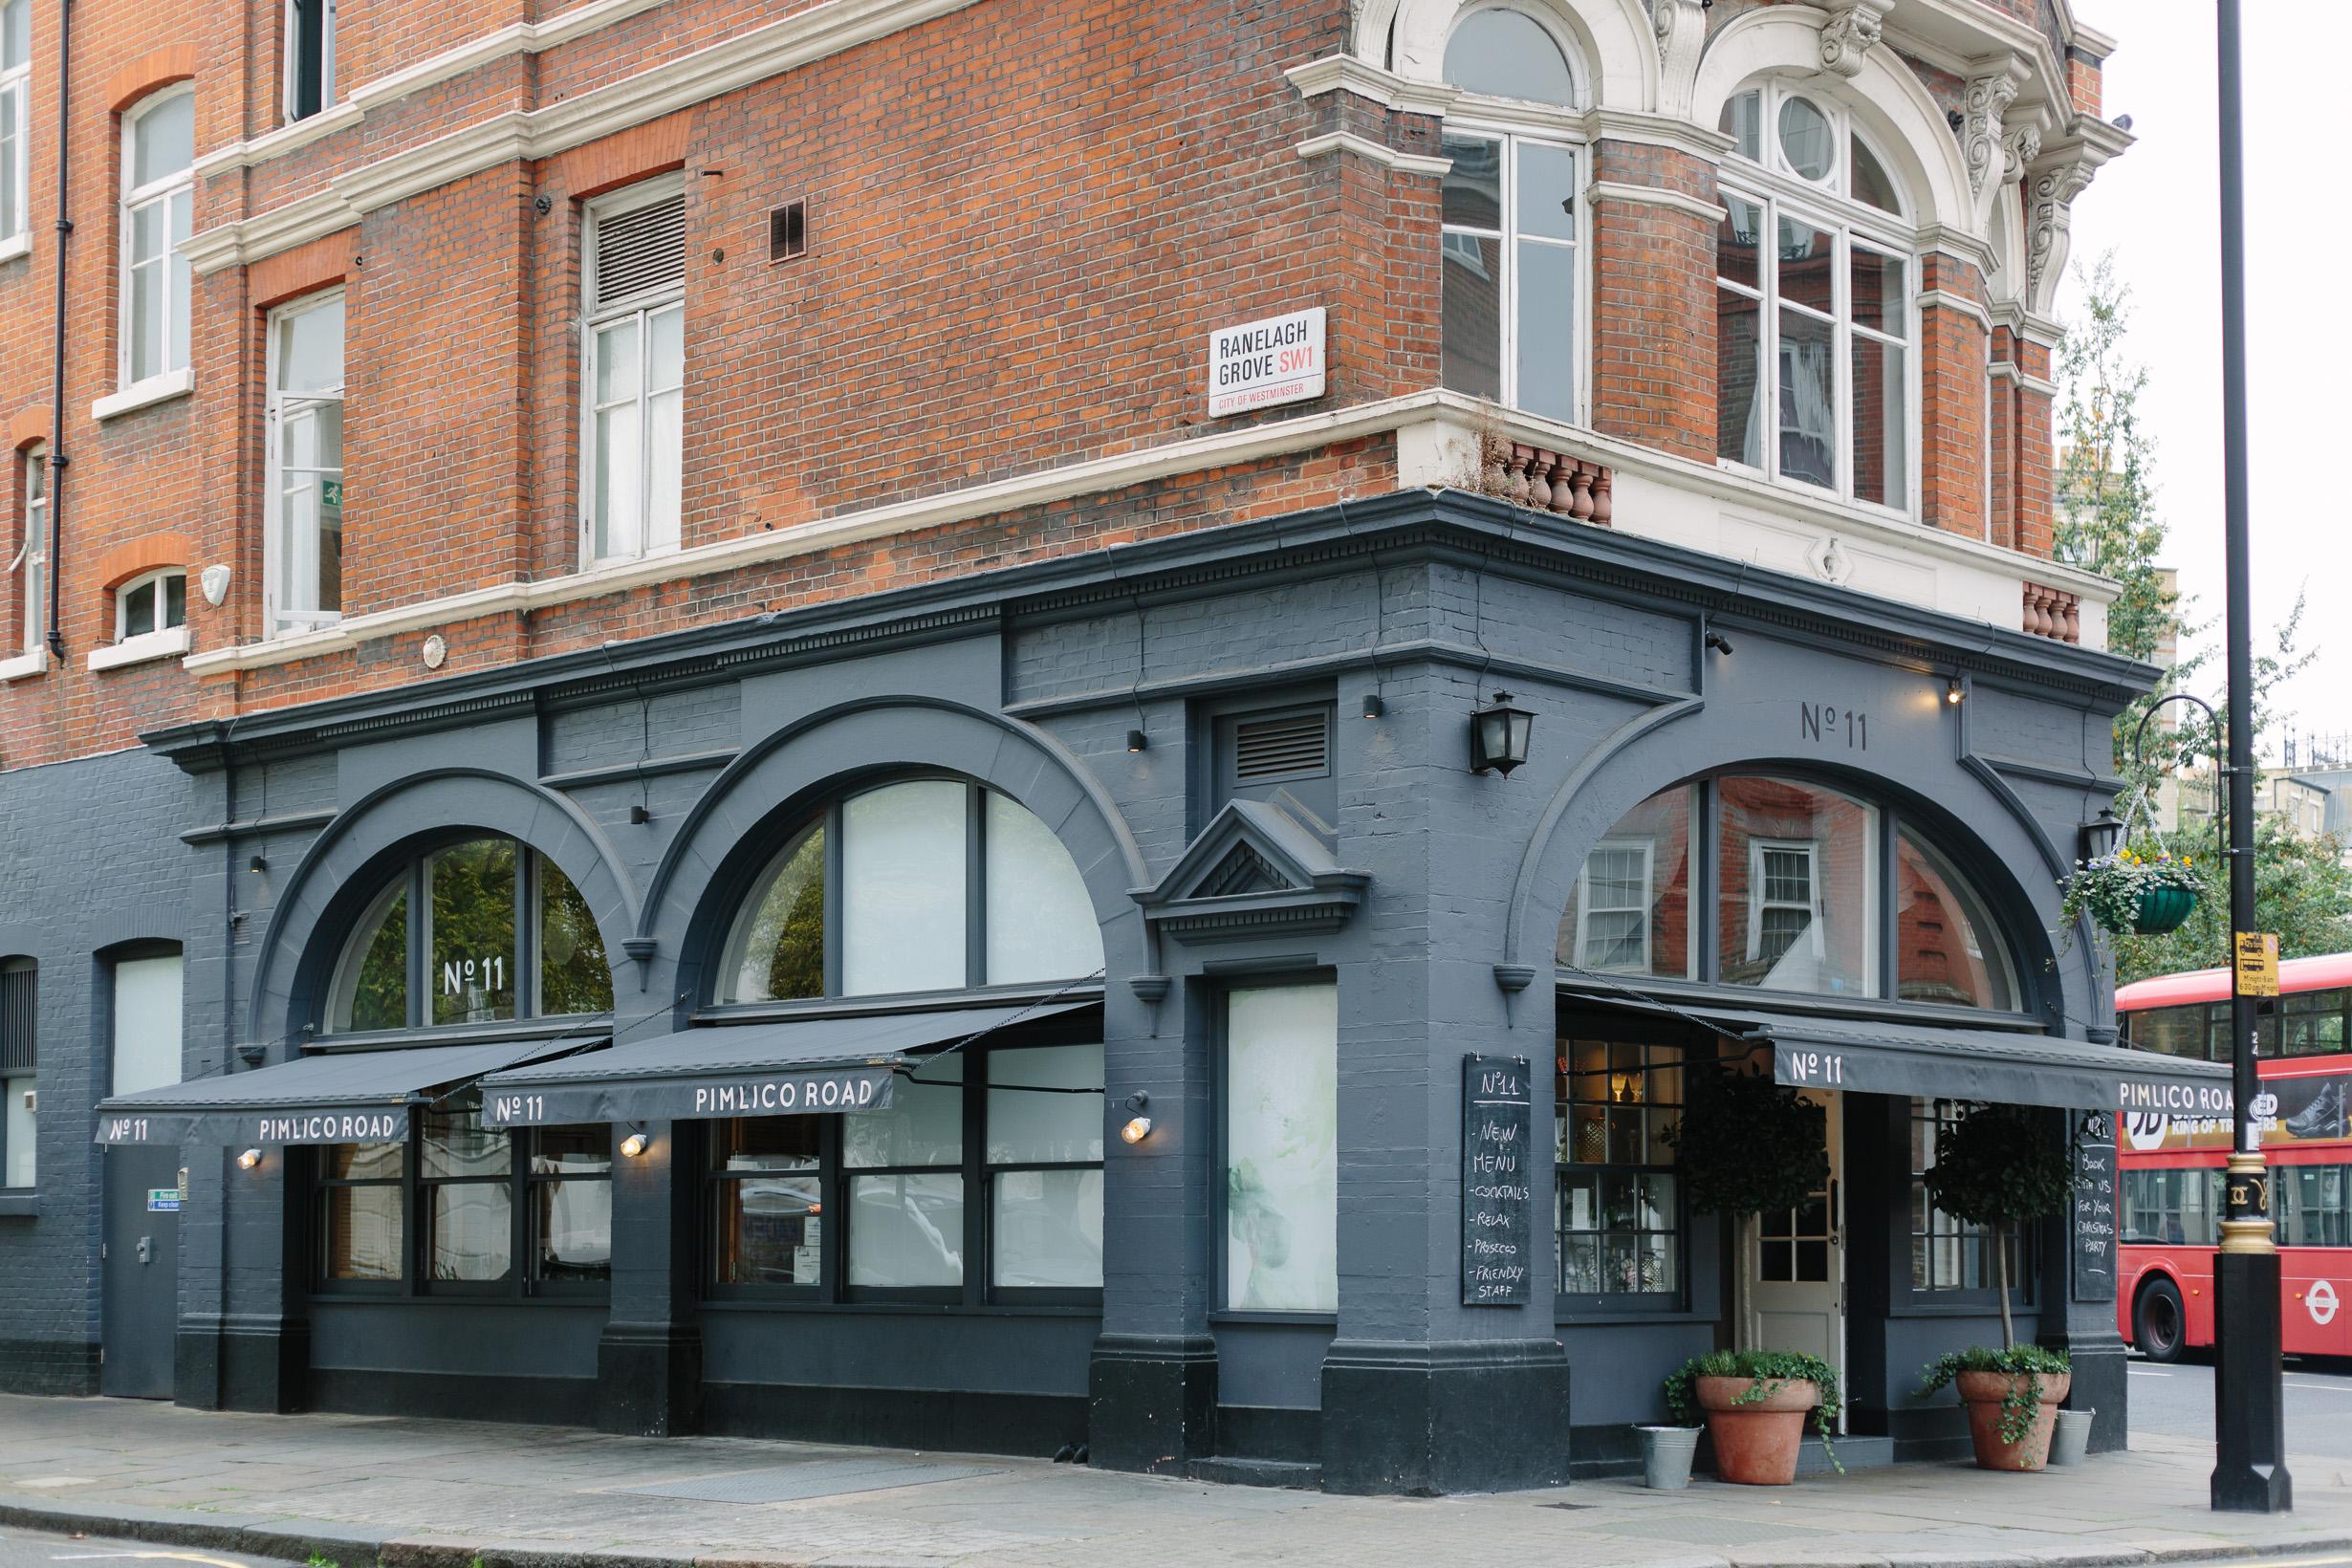 no-11-pimlico-road-london-4855